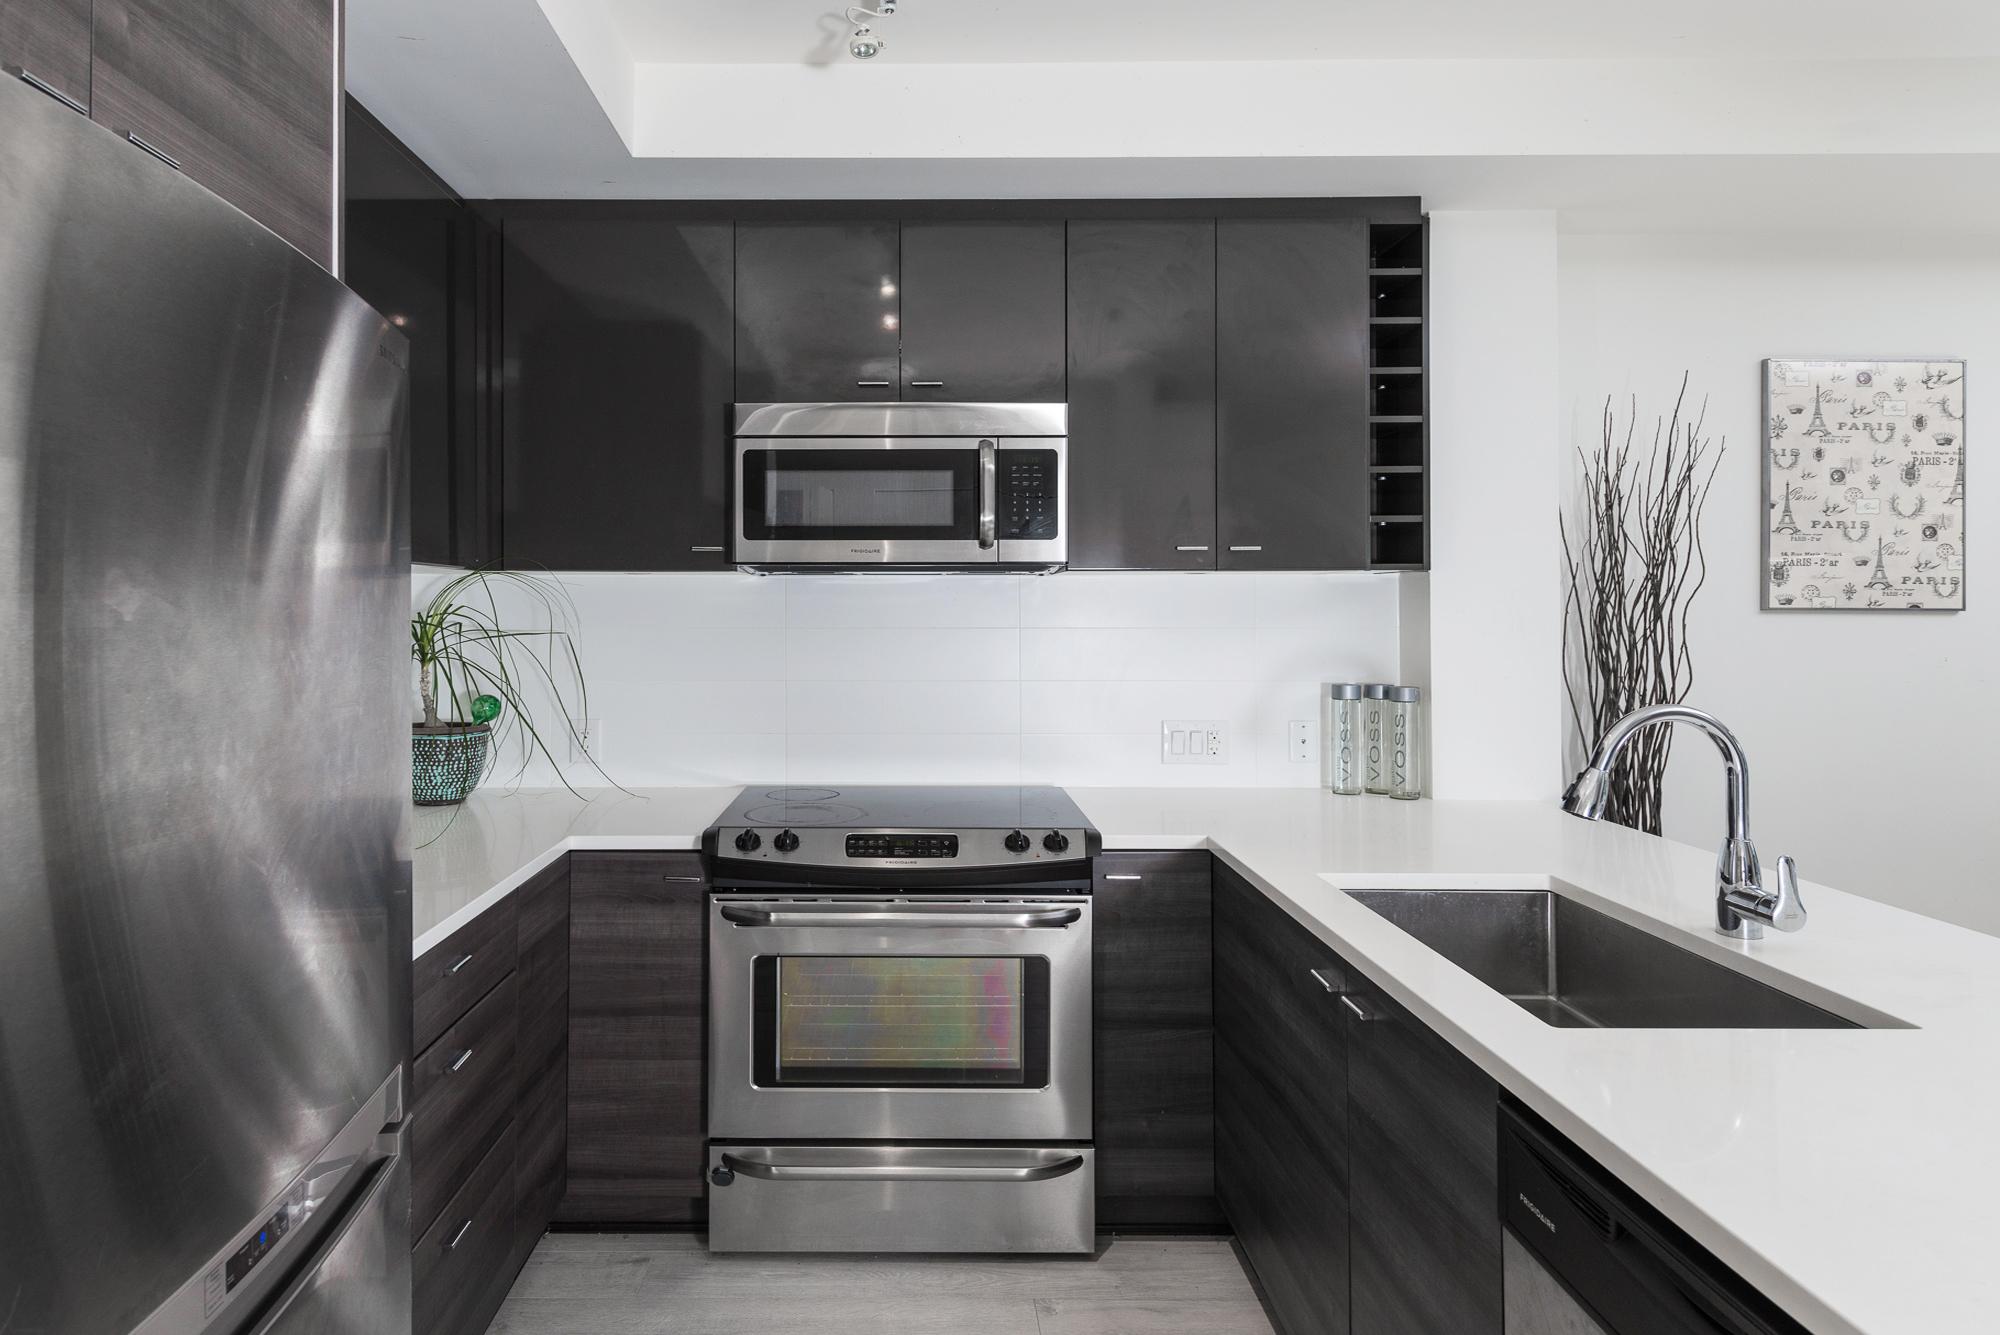 Kitchen 13931 Fraser Hwy, Surrey